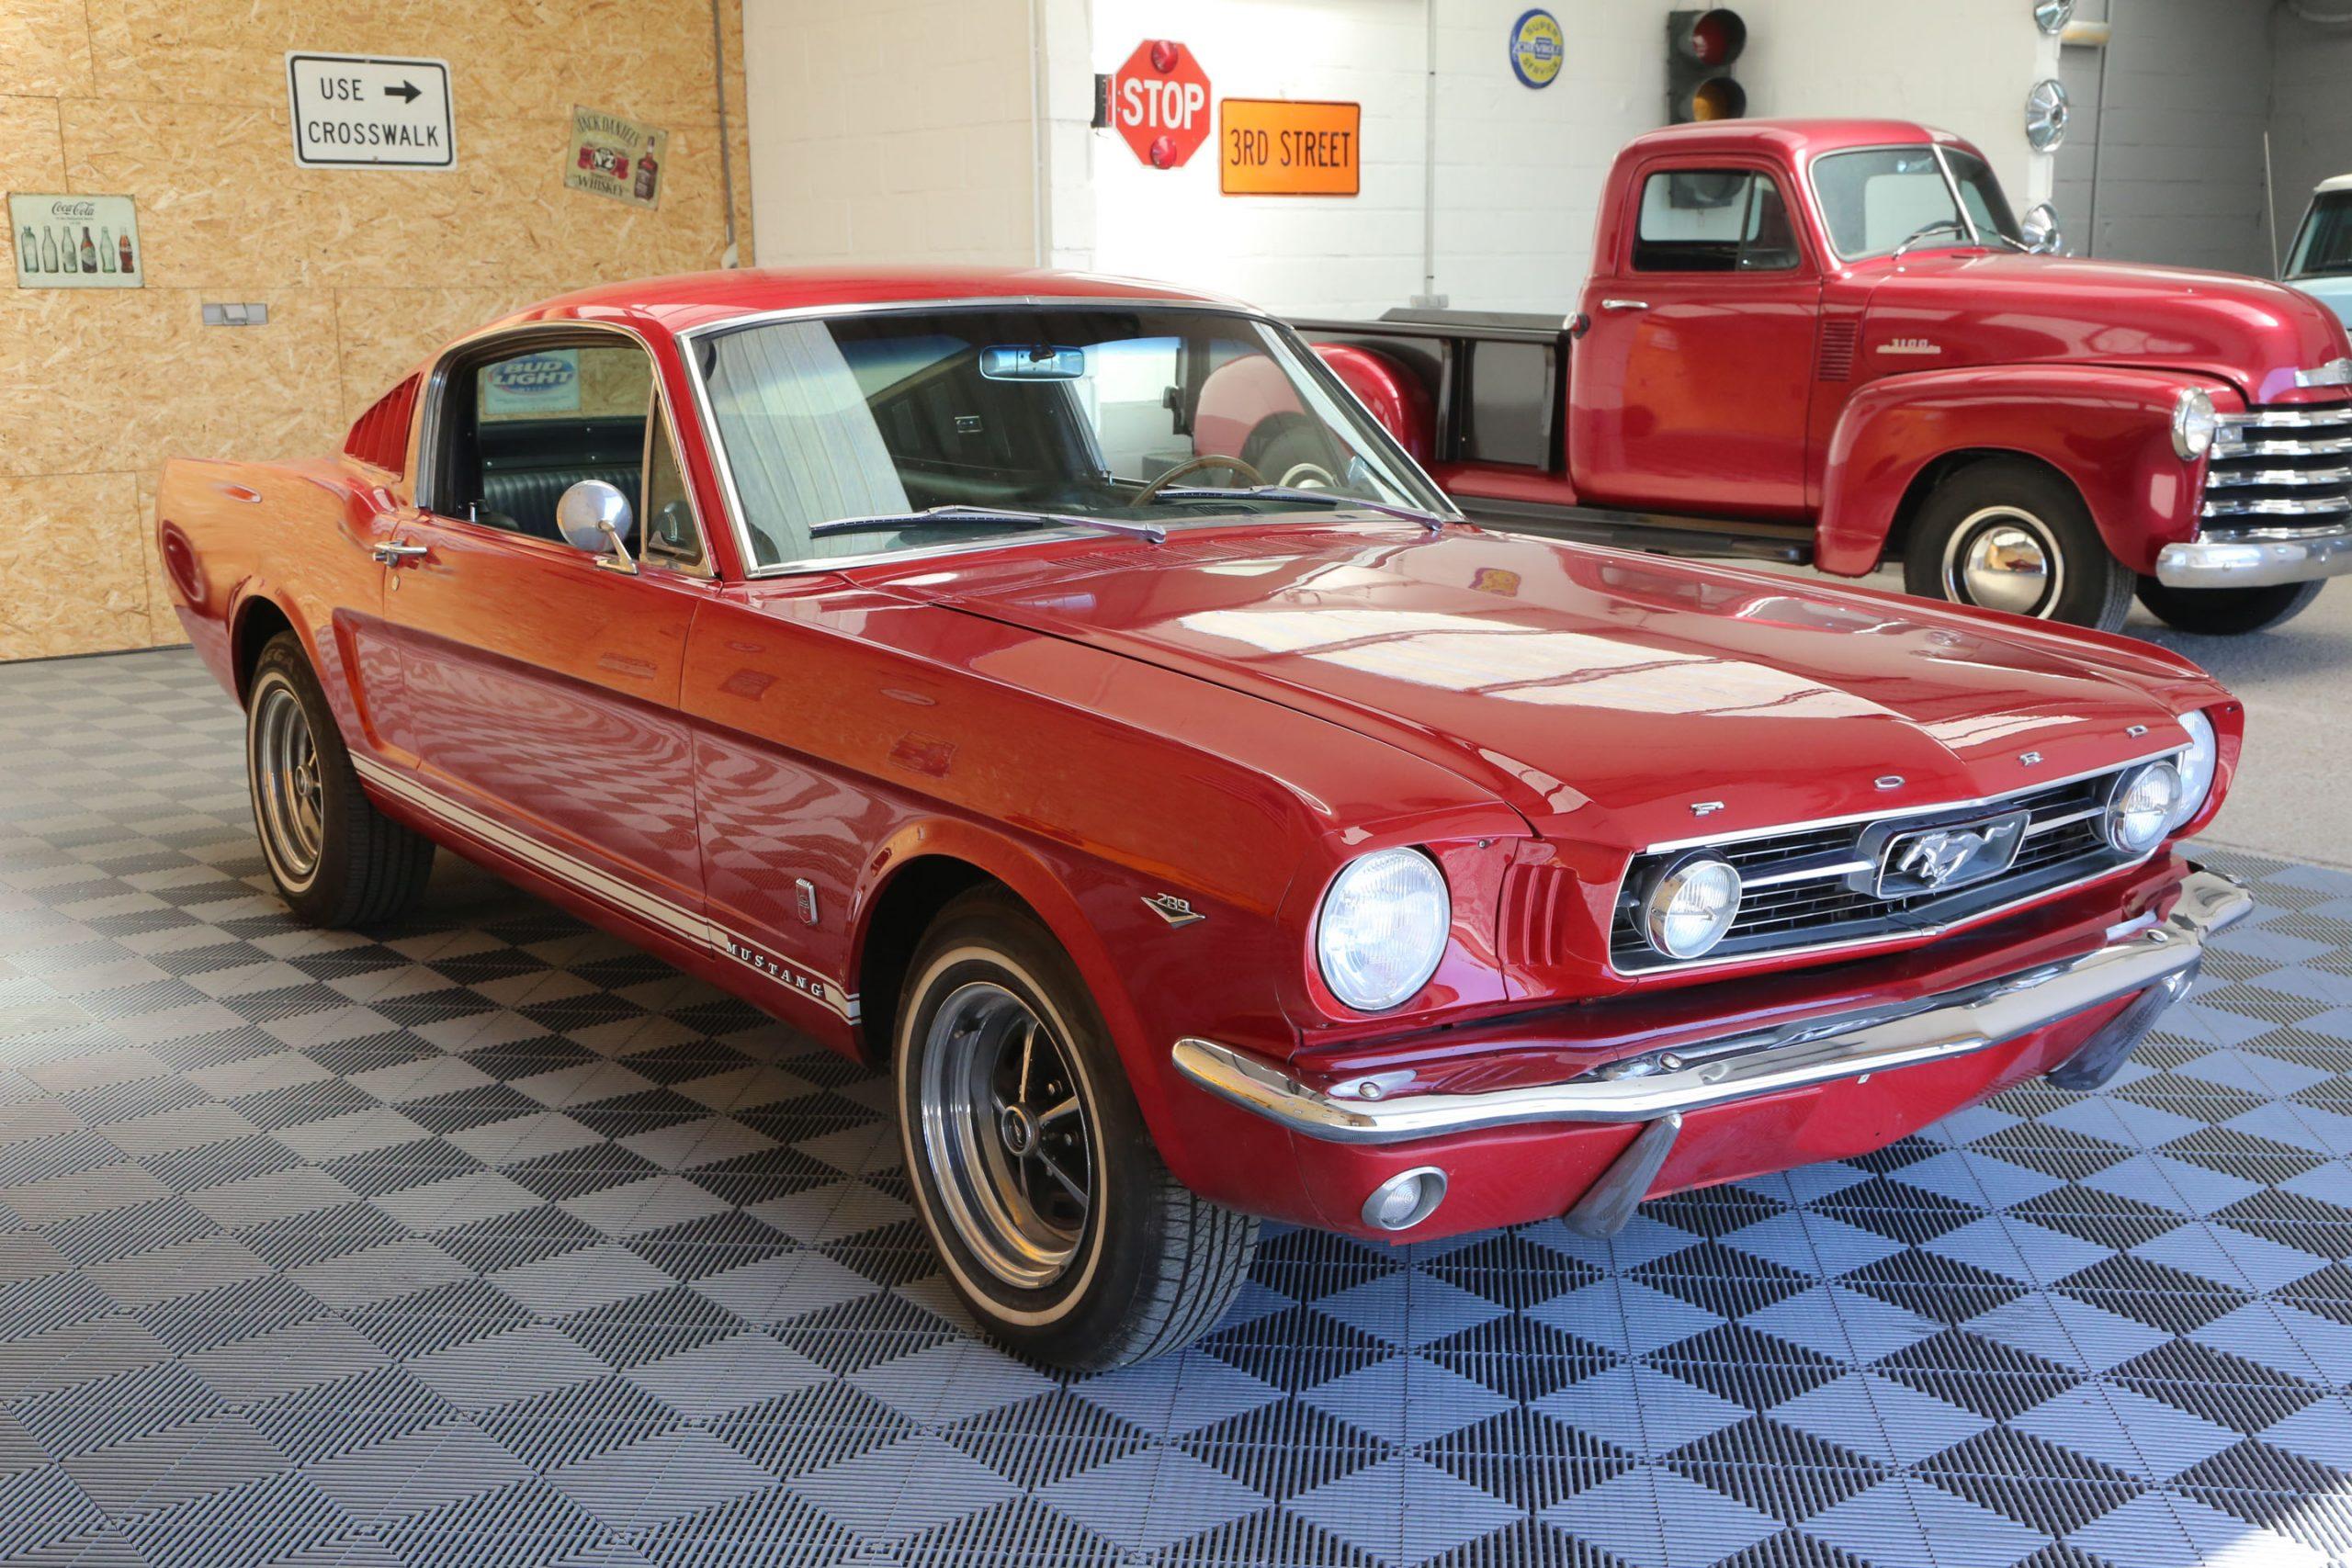 Vente de voiture americaine ancienne dans notre show room de blois - ici une magnifique ford mustang fastback boite mecanique